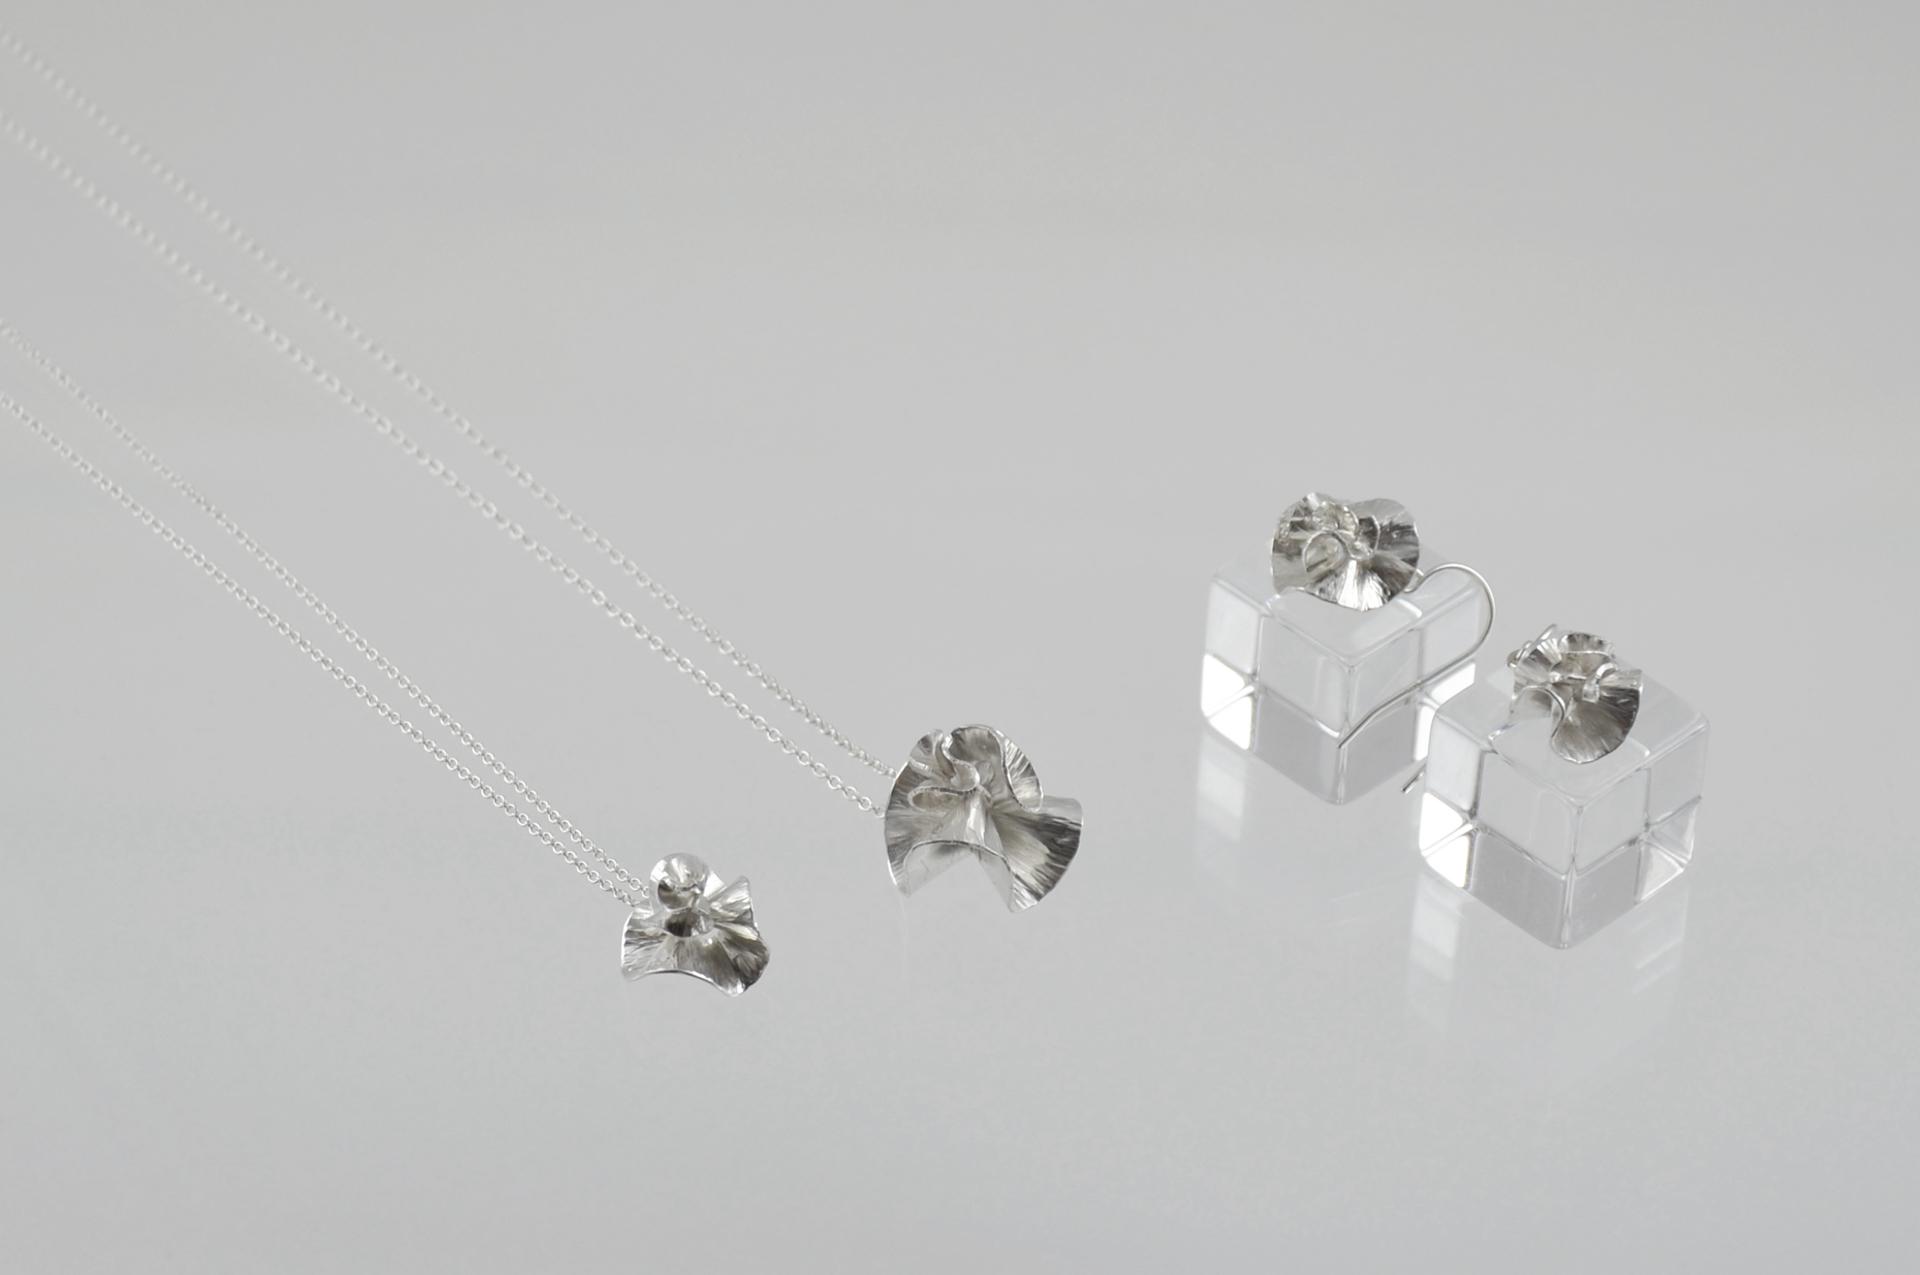 rosette_helix-necklace-earrings_jan2018